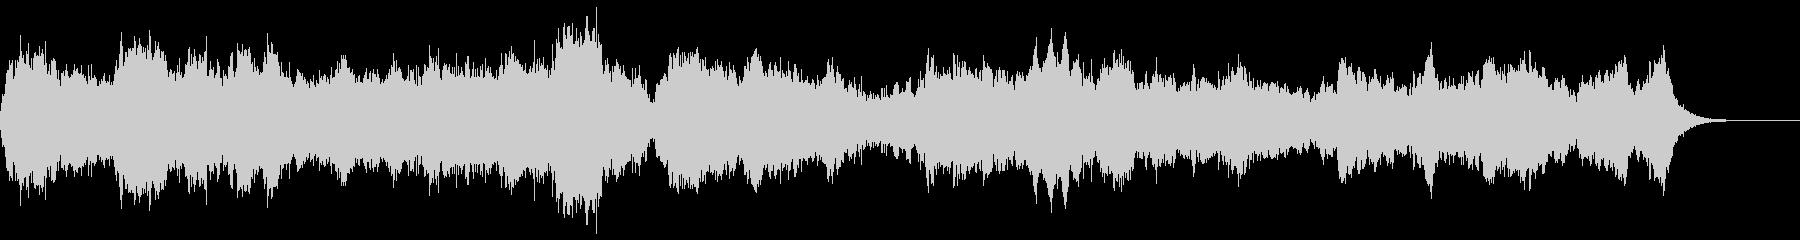 チャイコフスキーの弦楽セレナーデの一部の未再生の波形